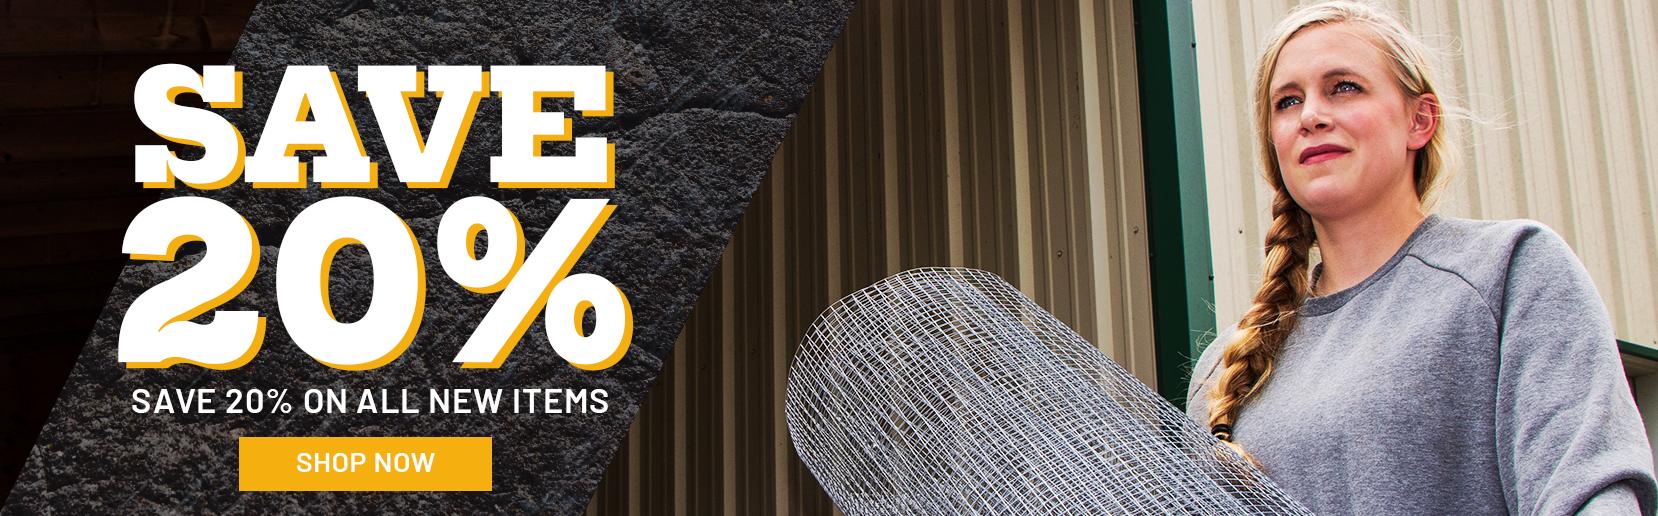 mh-anna20-banner.jpg